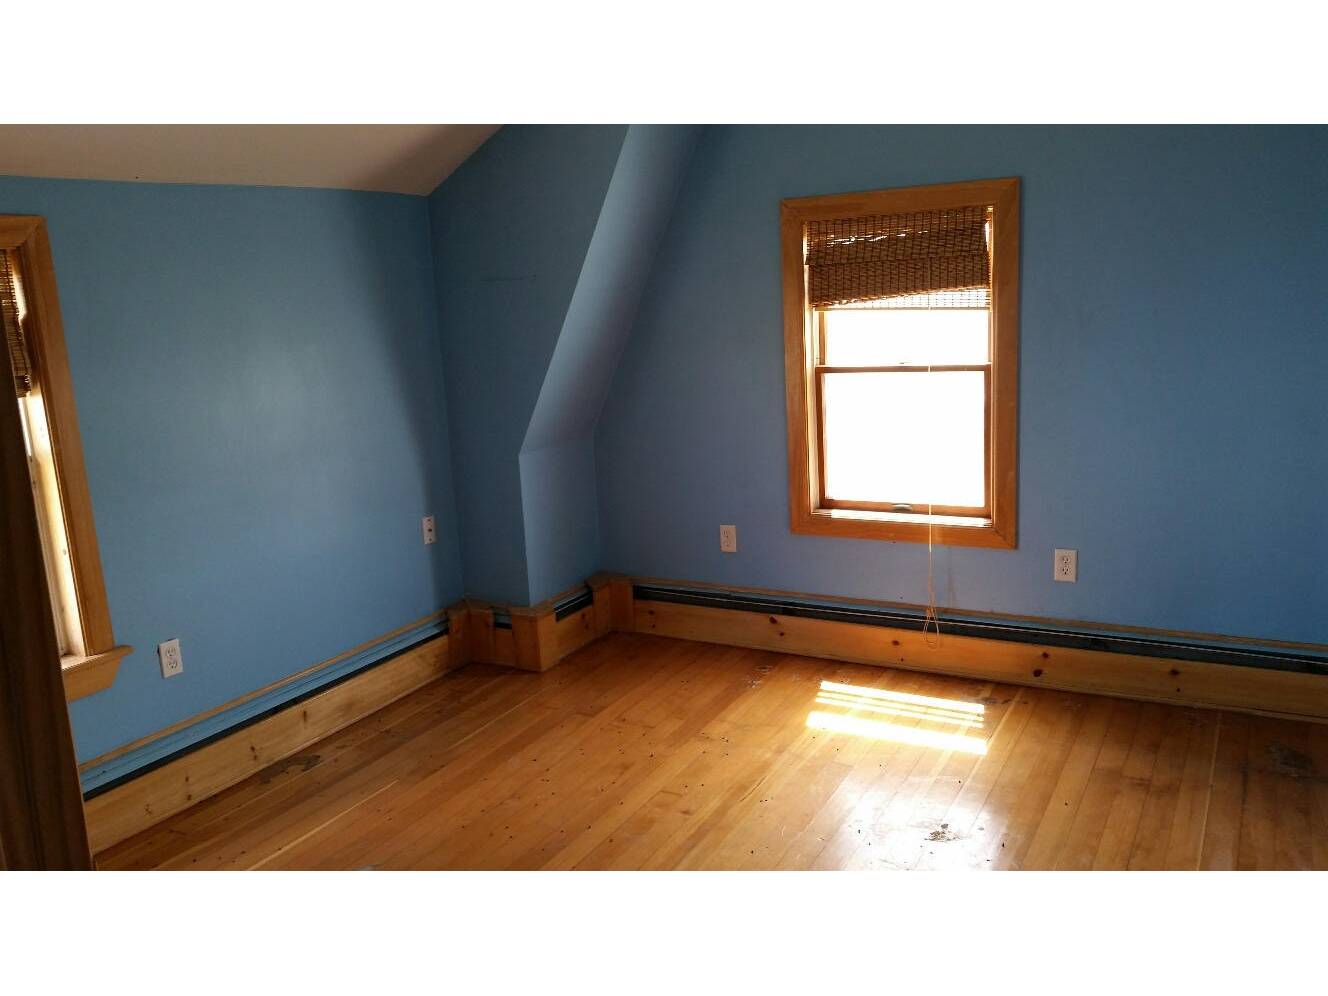 Hannon Bedroom #3